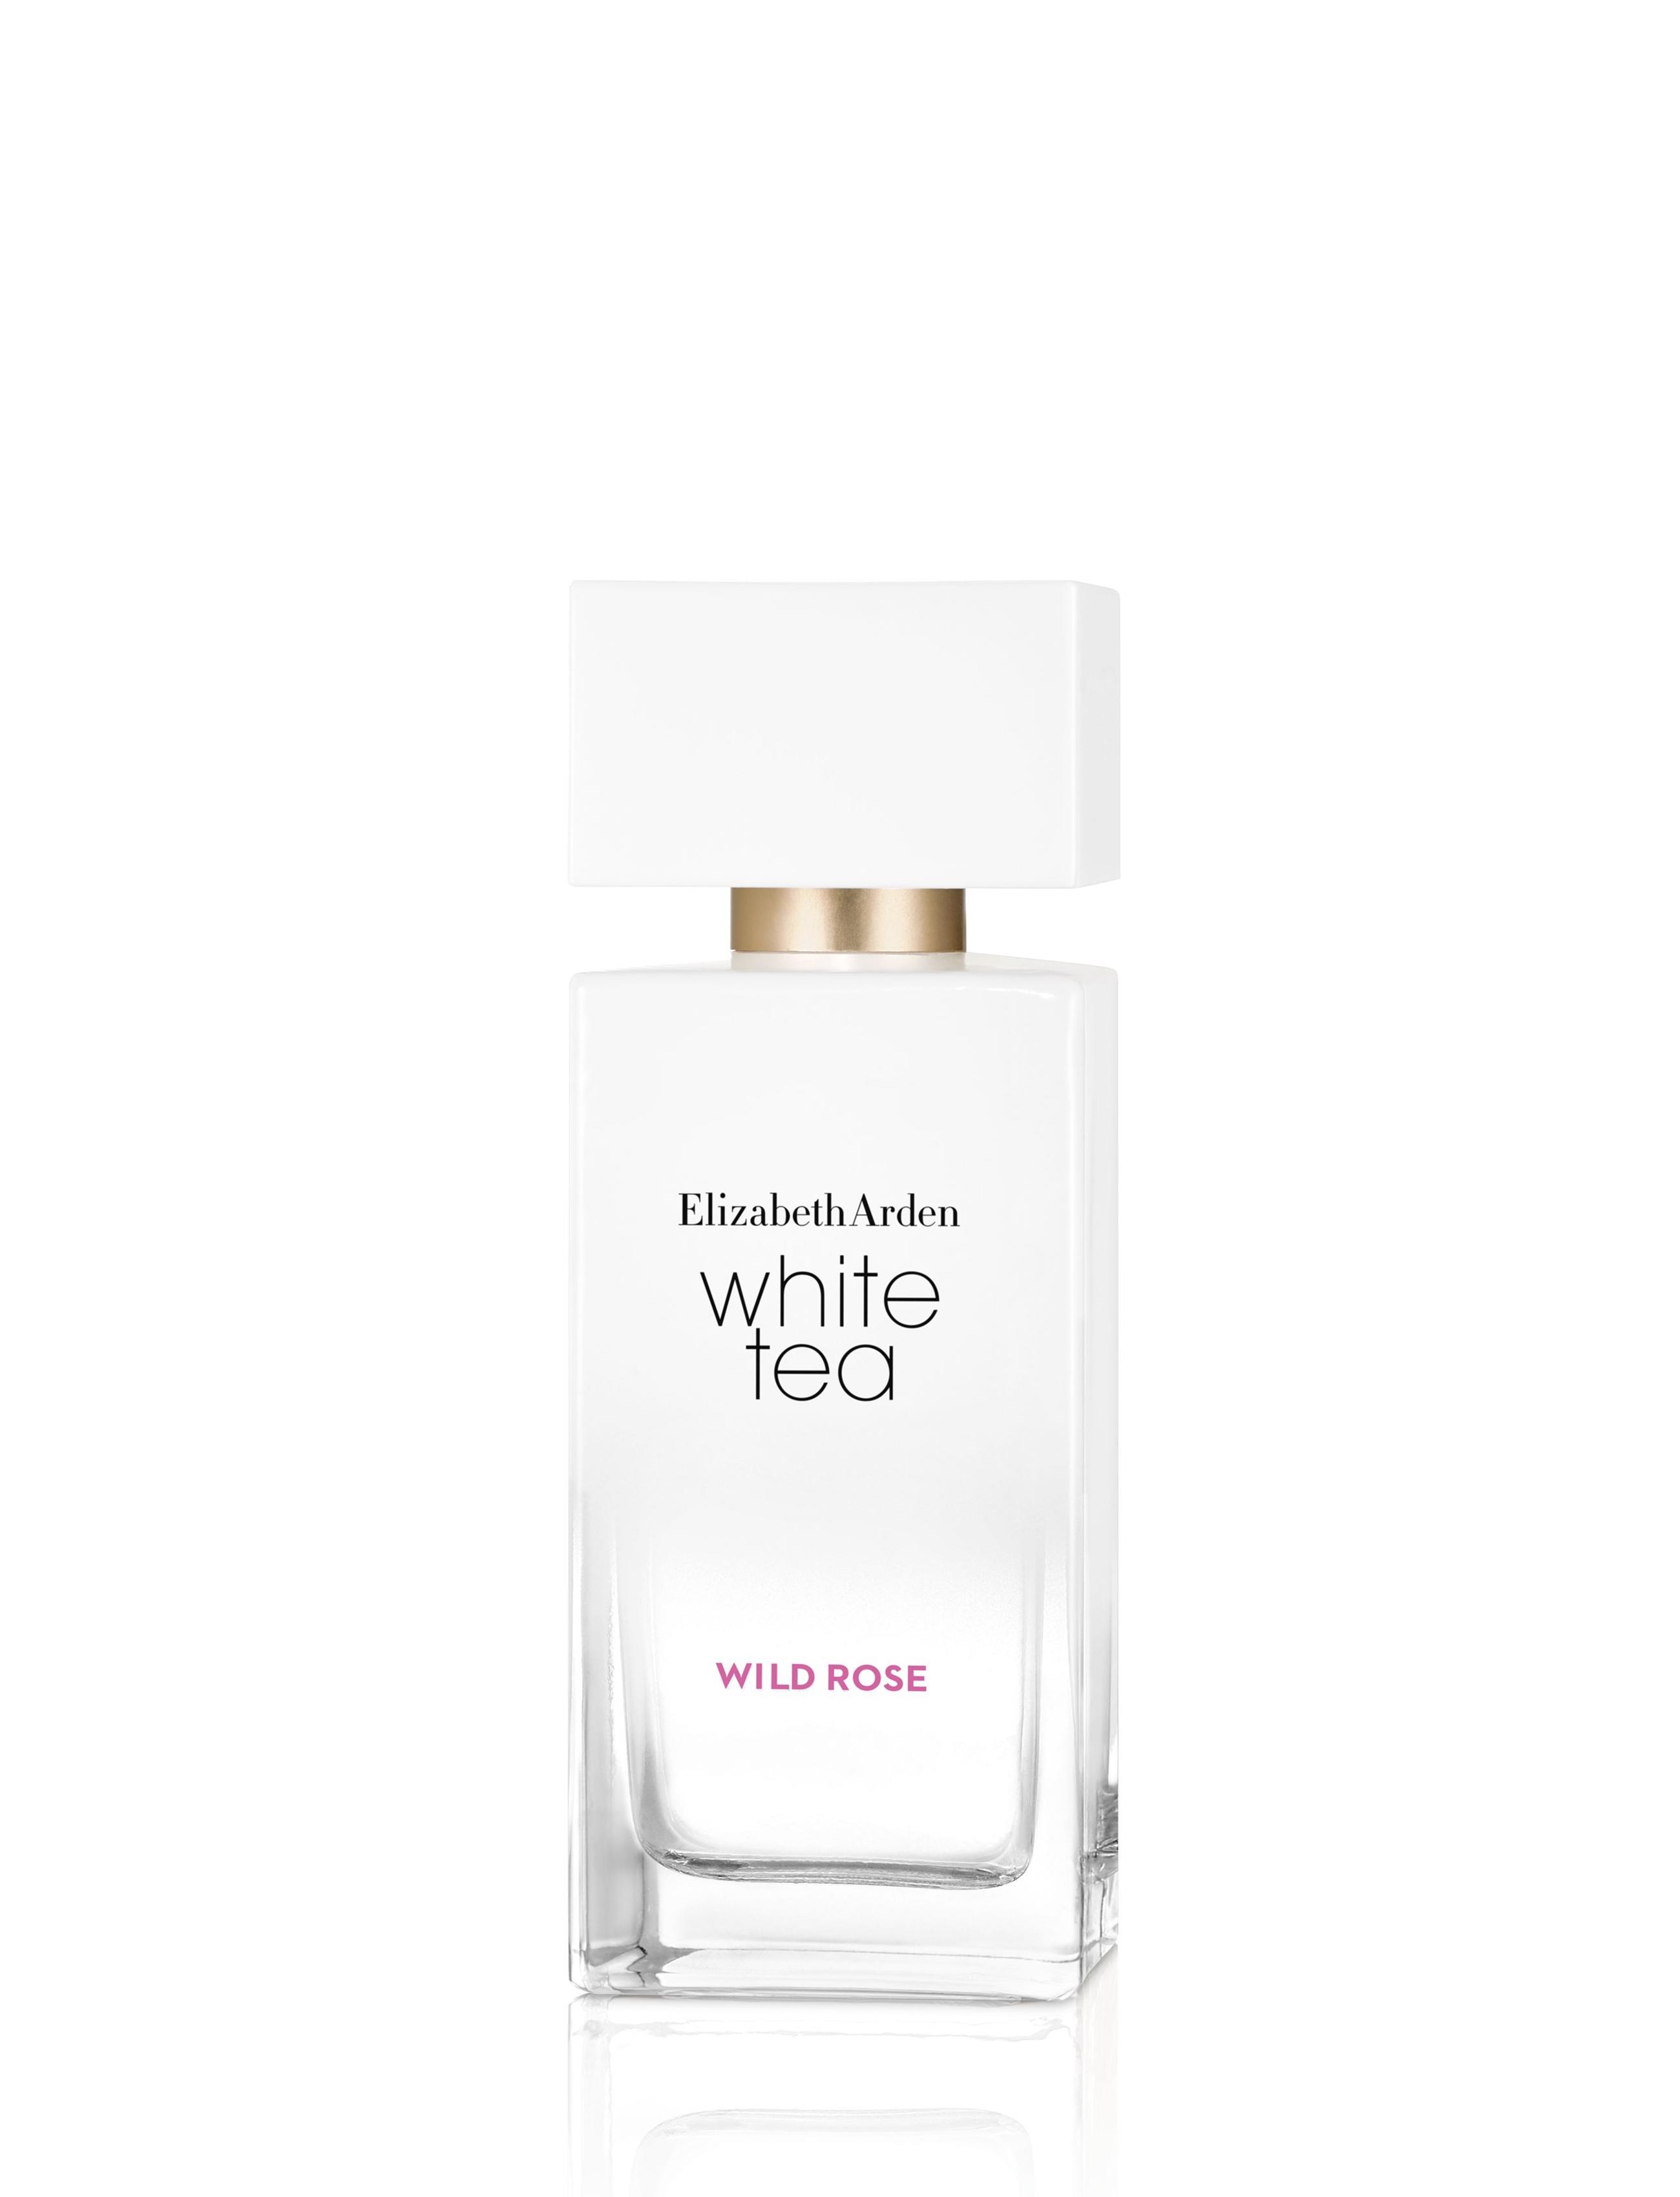 Elizabeth Arden White Tea Wild Rose EDT, 50 ml